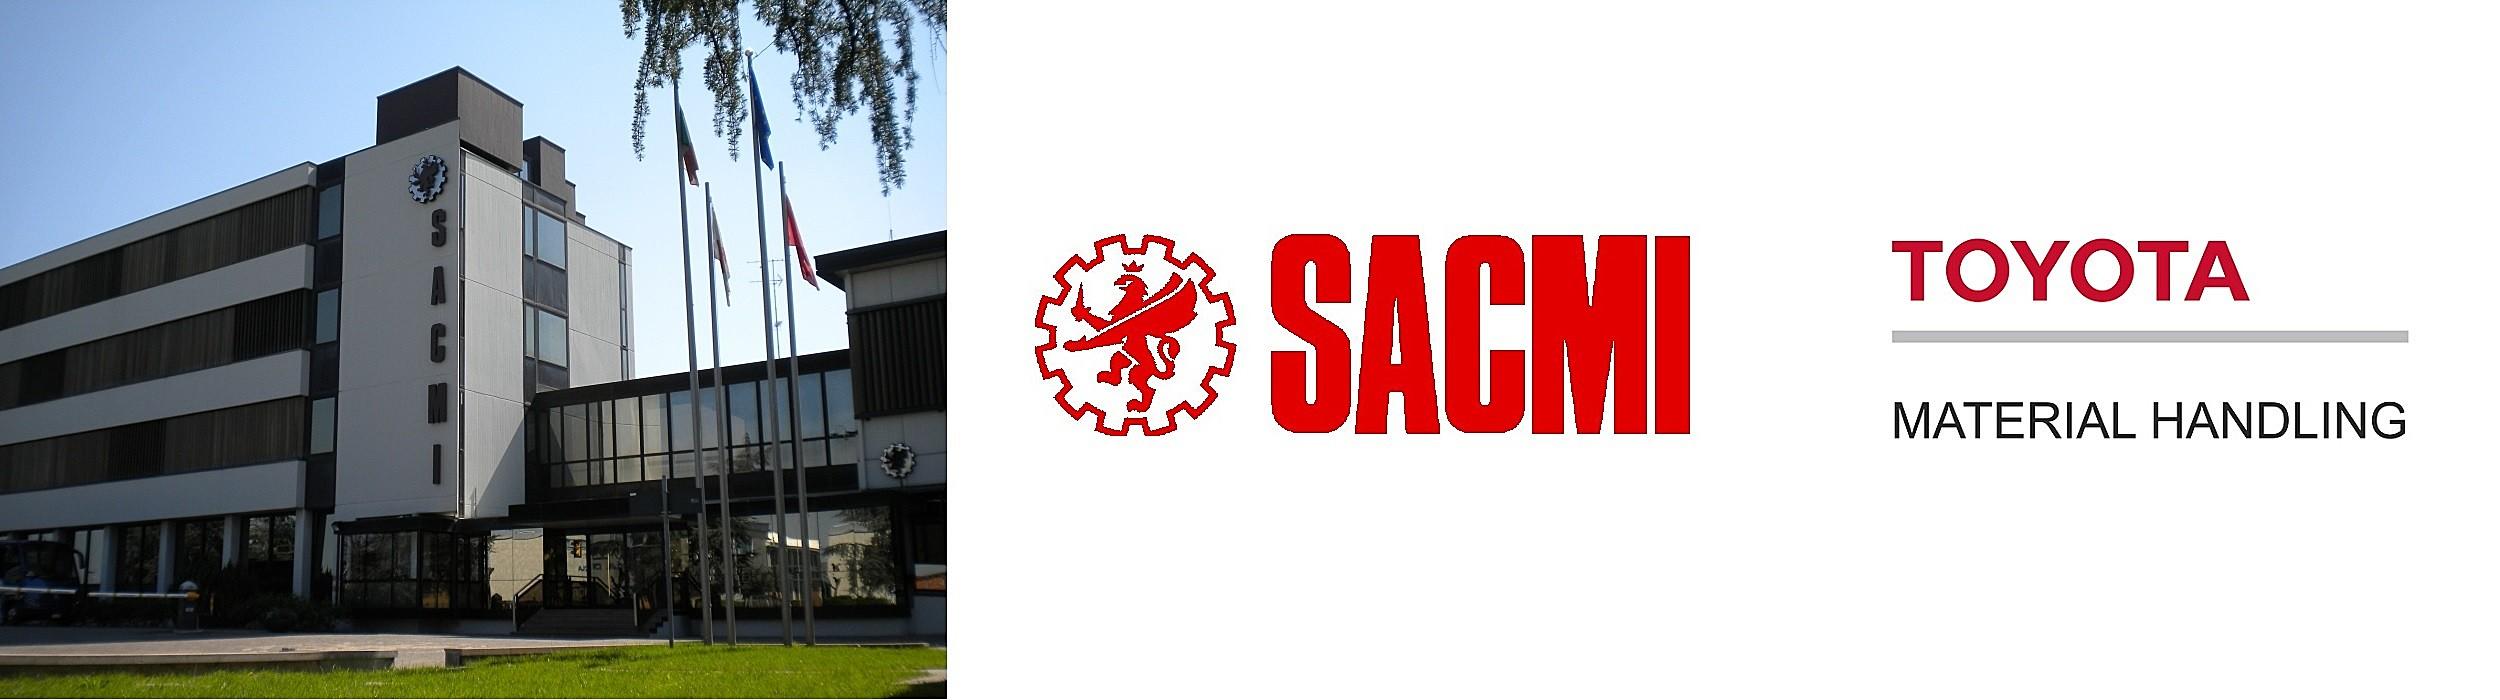 Sacmi e Toyota Material Handling Italia